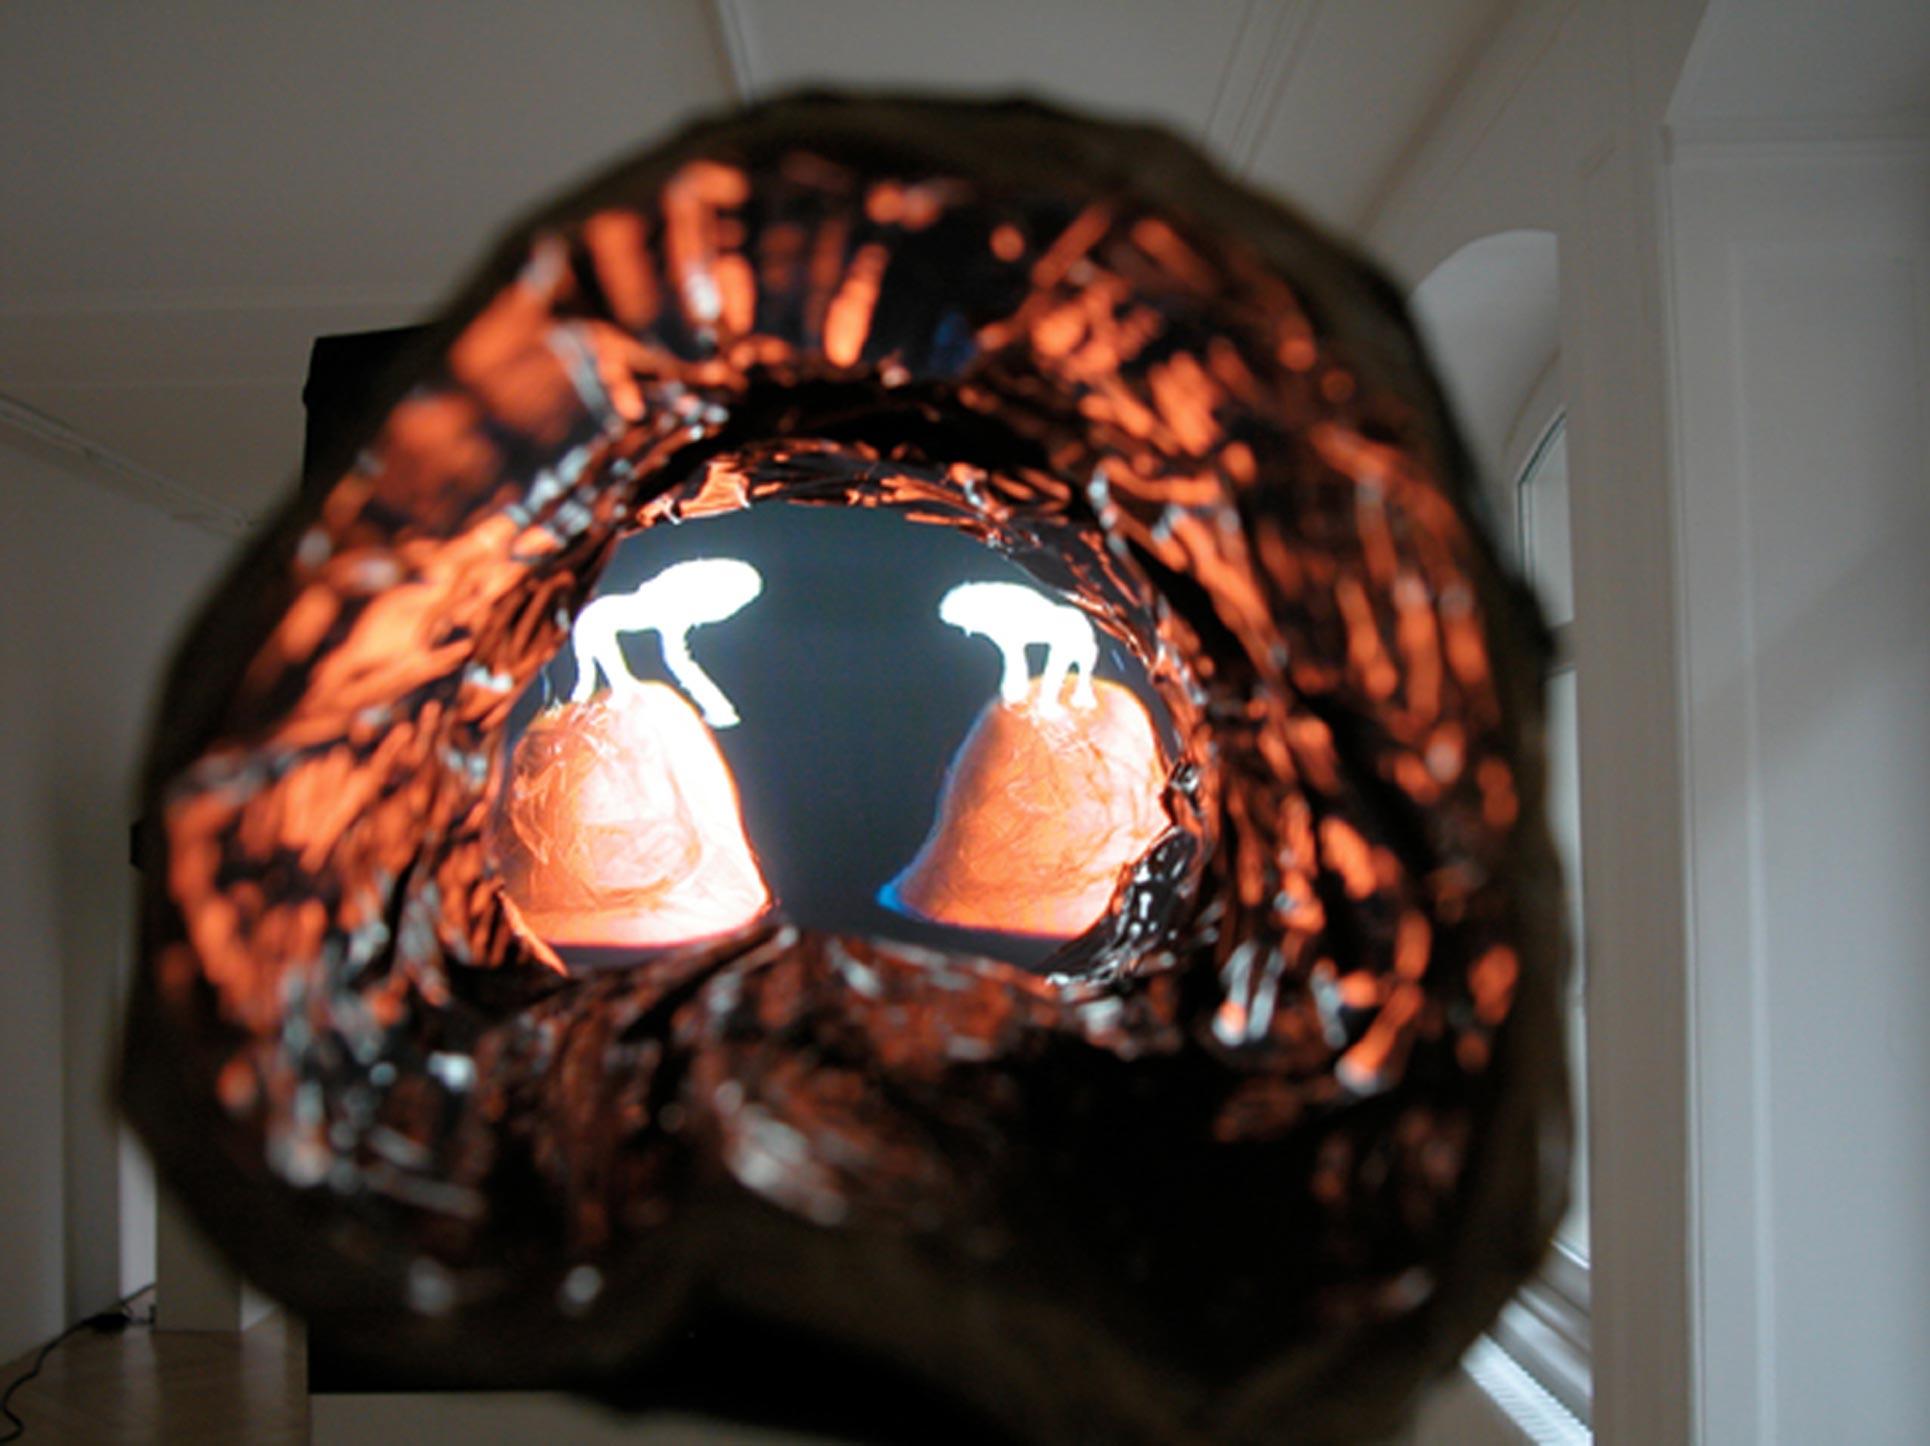 Marusic & Helbling, video still: Chimären in Black Fire, 2004